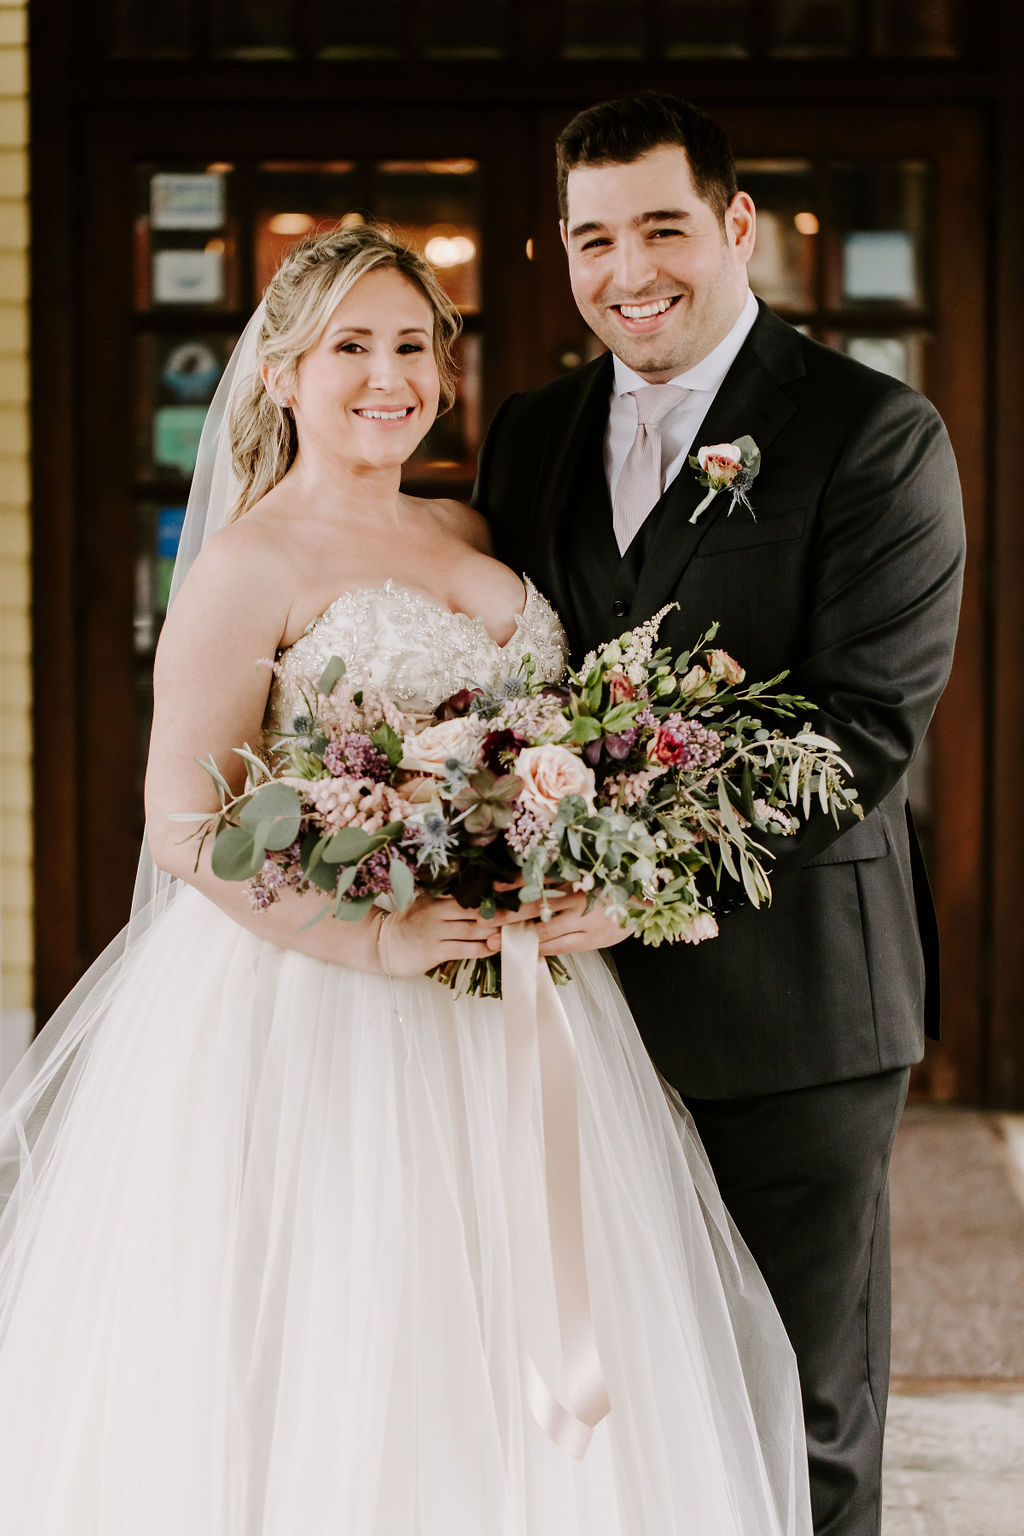 saybrook-point-inn-and-spa-wedding-flowers-5